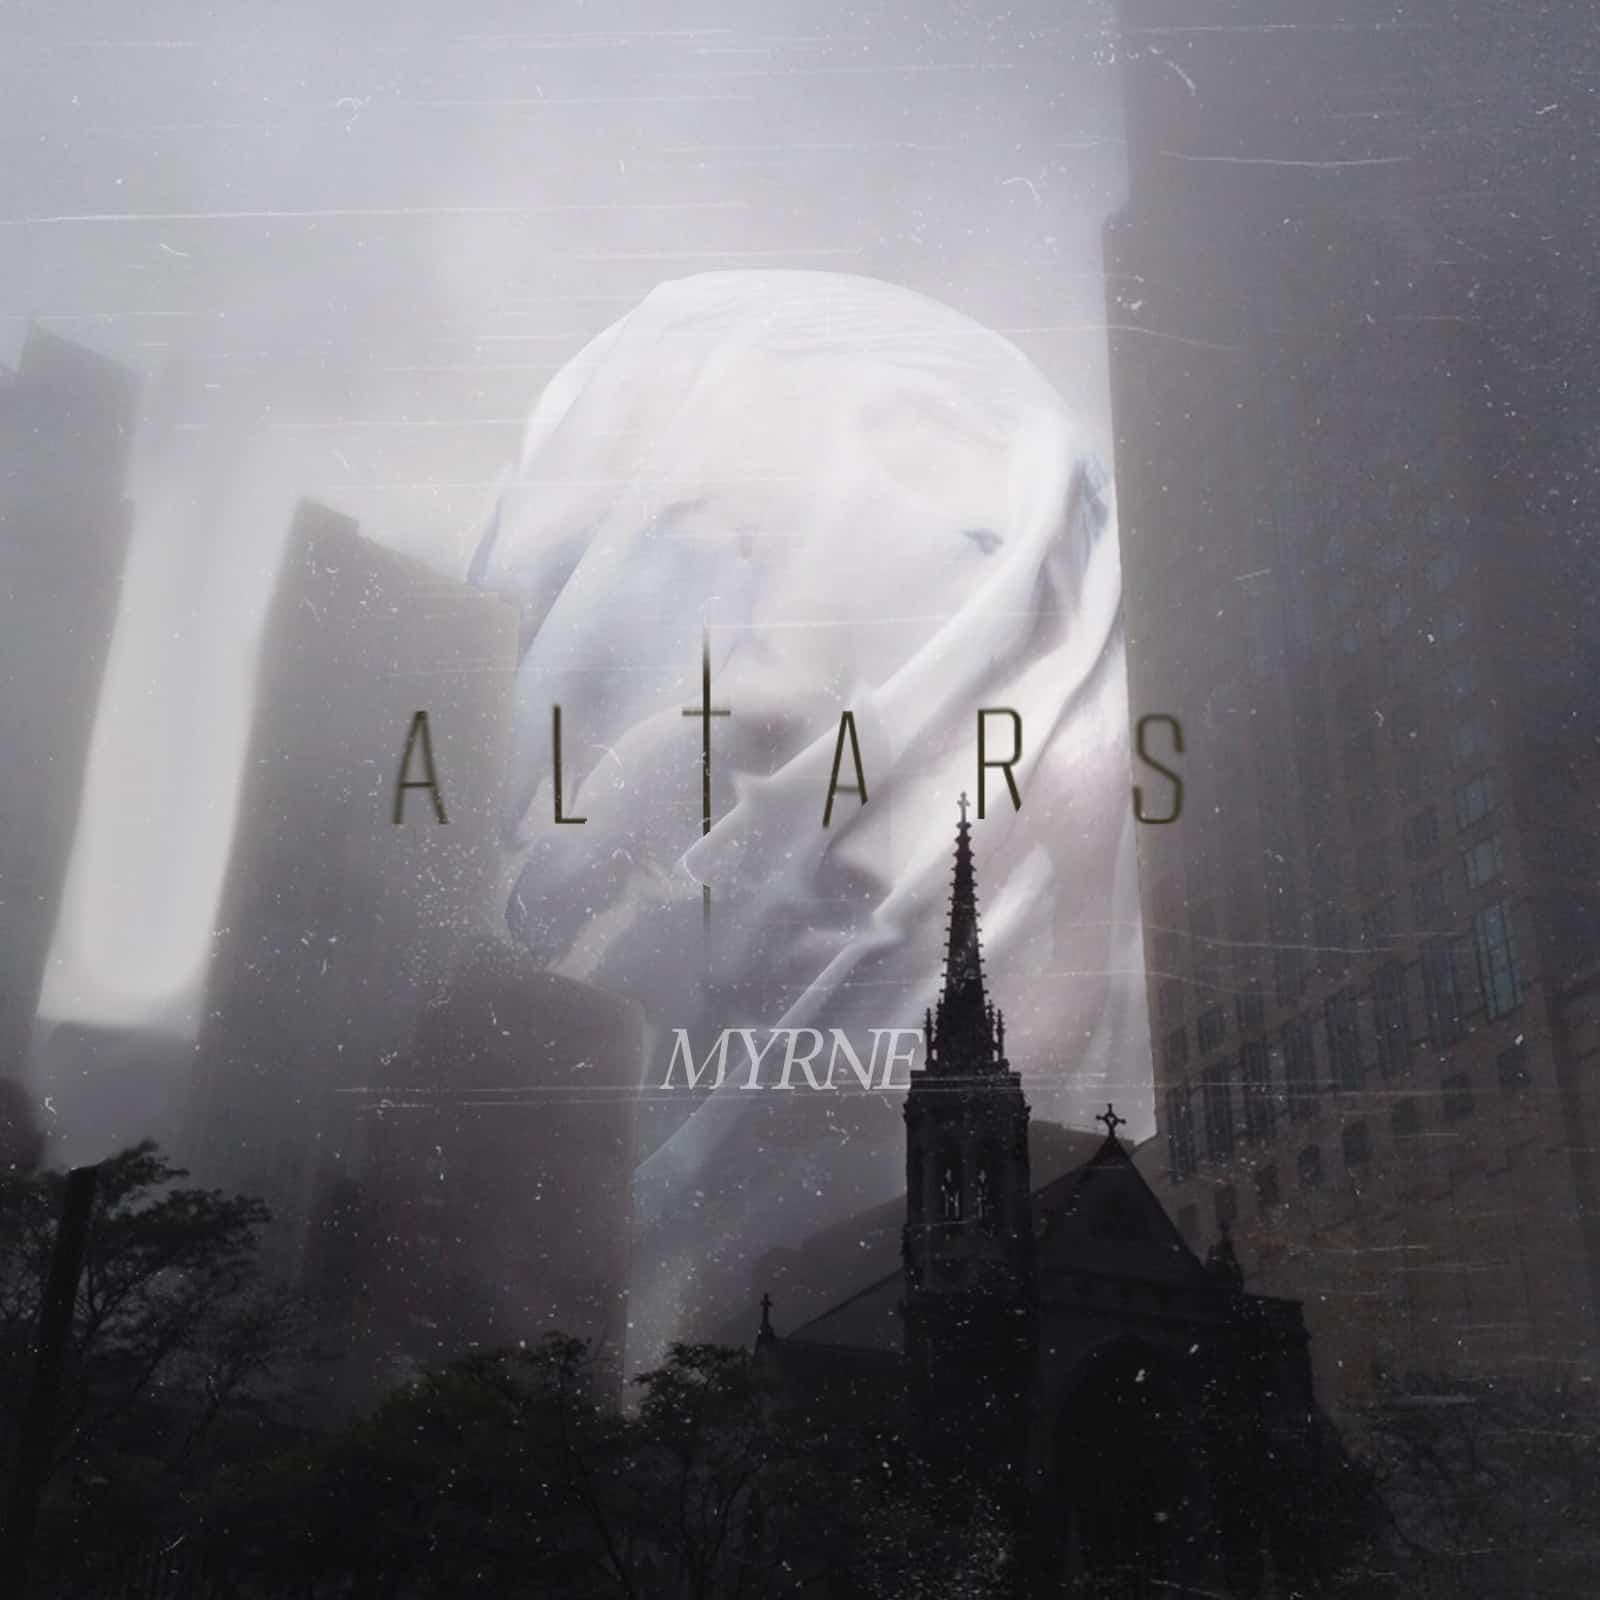 MYRNE – Altars [Free Download]